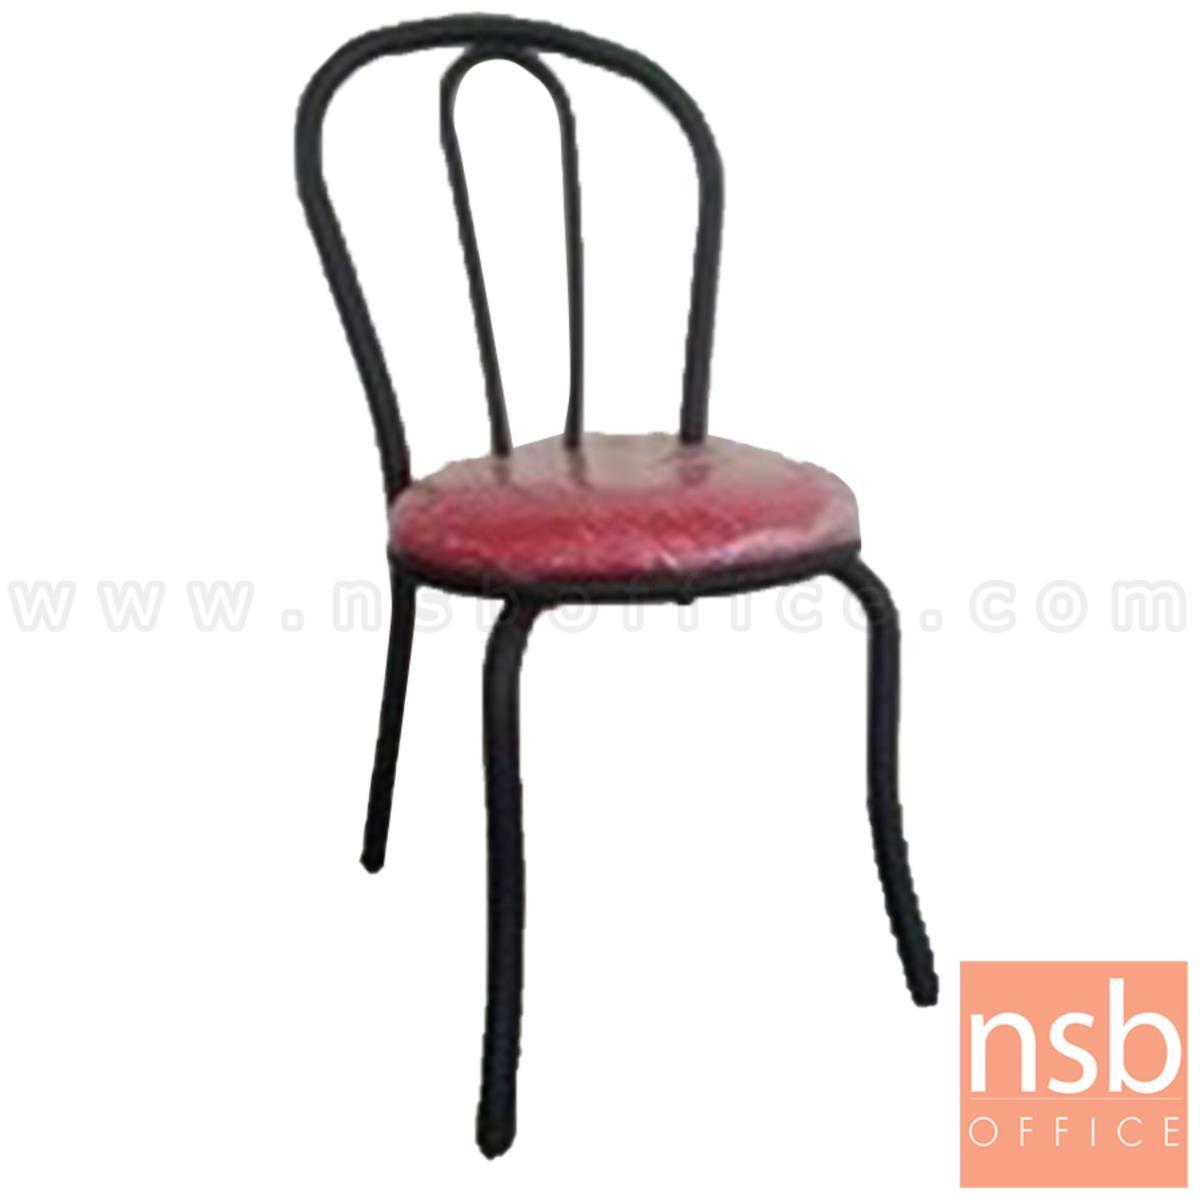 B20A113:เก้าอี้อเนกประสงค์เหล็ก รุ่น Sibyl (ซิบิล)  ขาเหล็กพ่นสีดำ